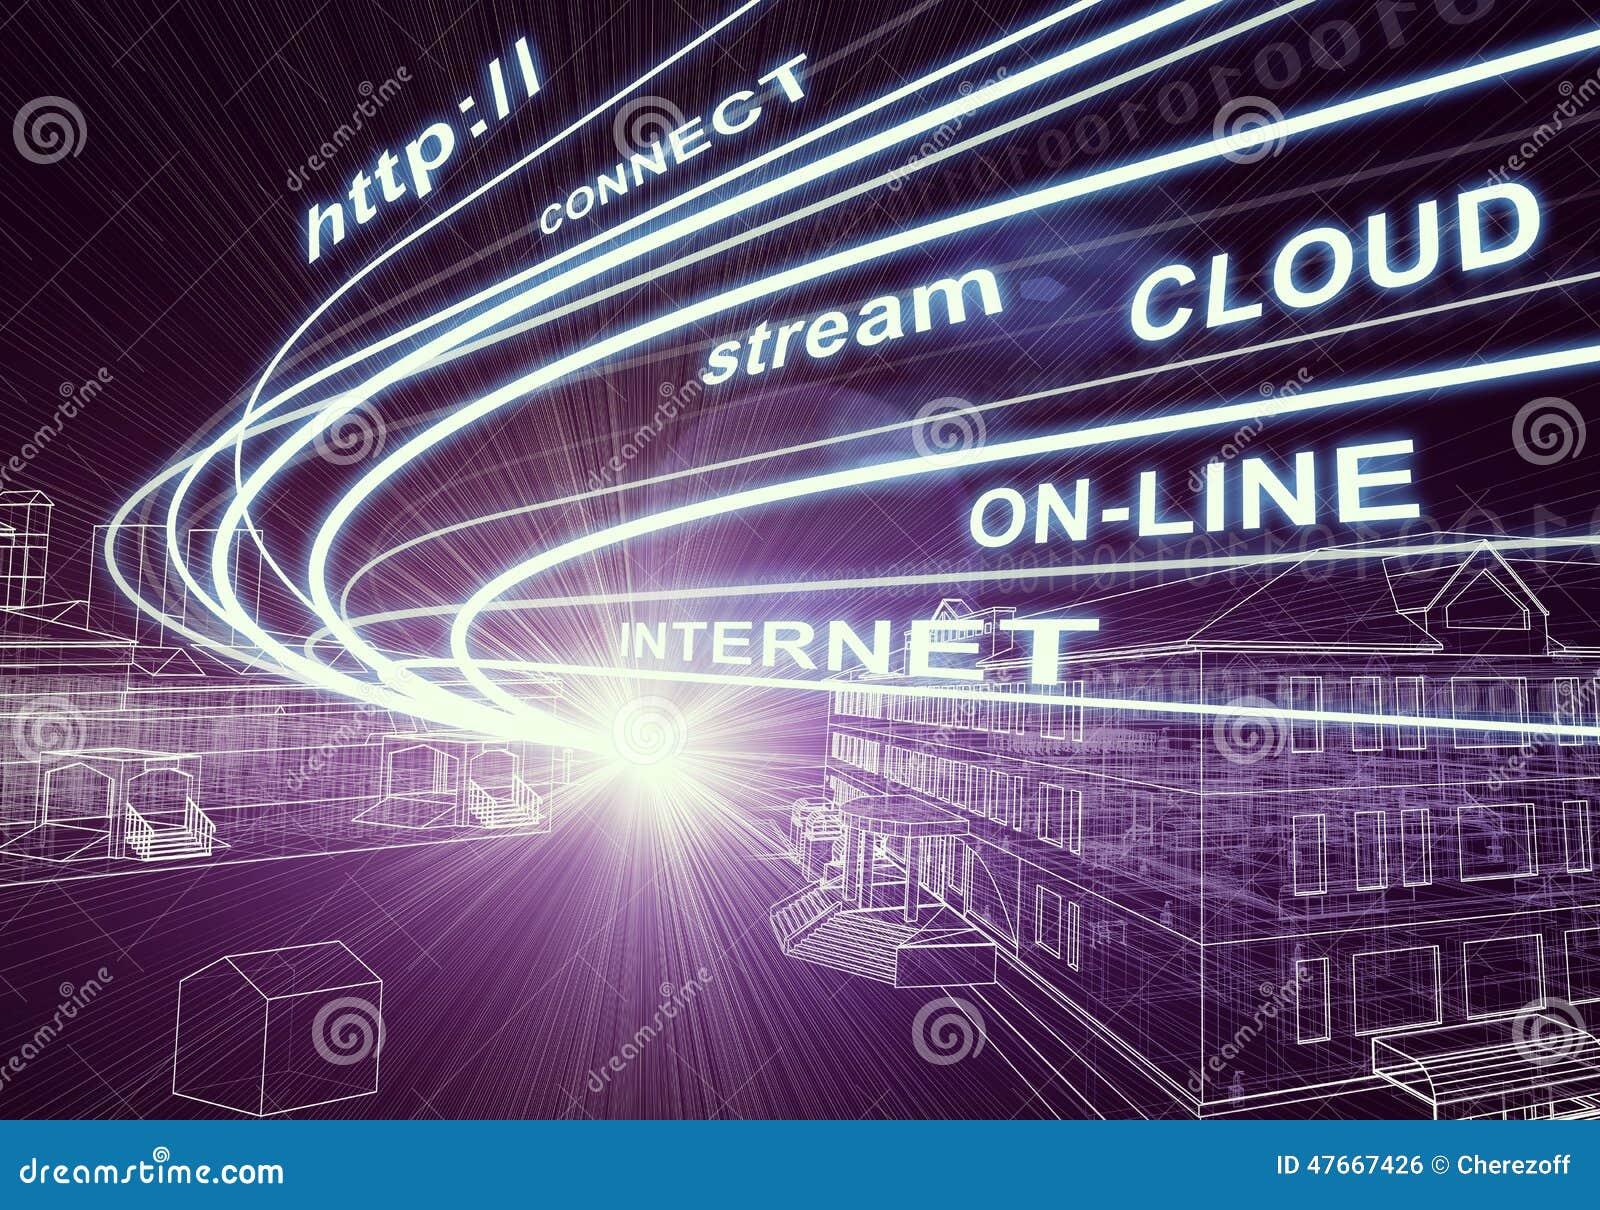 Tolle Wir Draht Kabelunternehmen Bilder - Elektrische Schaltplan ...